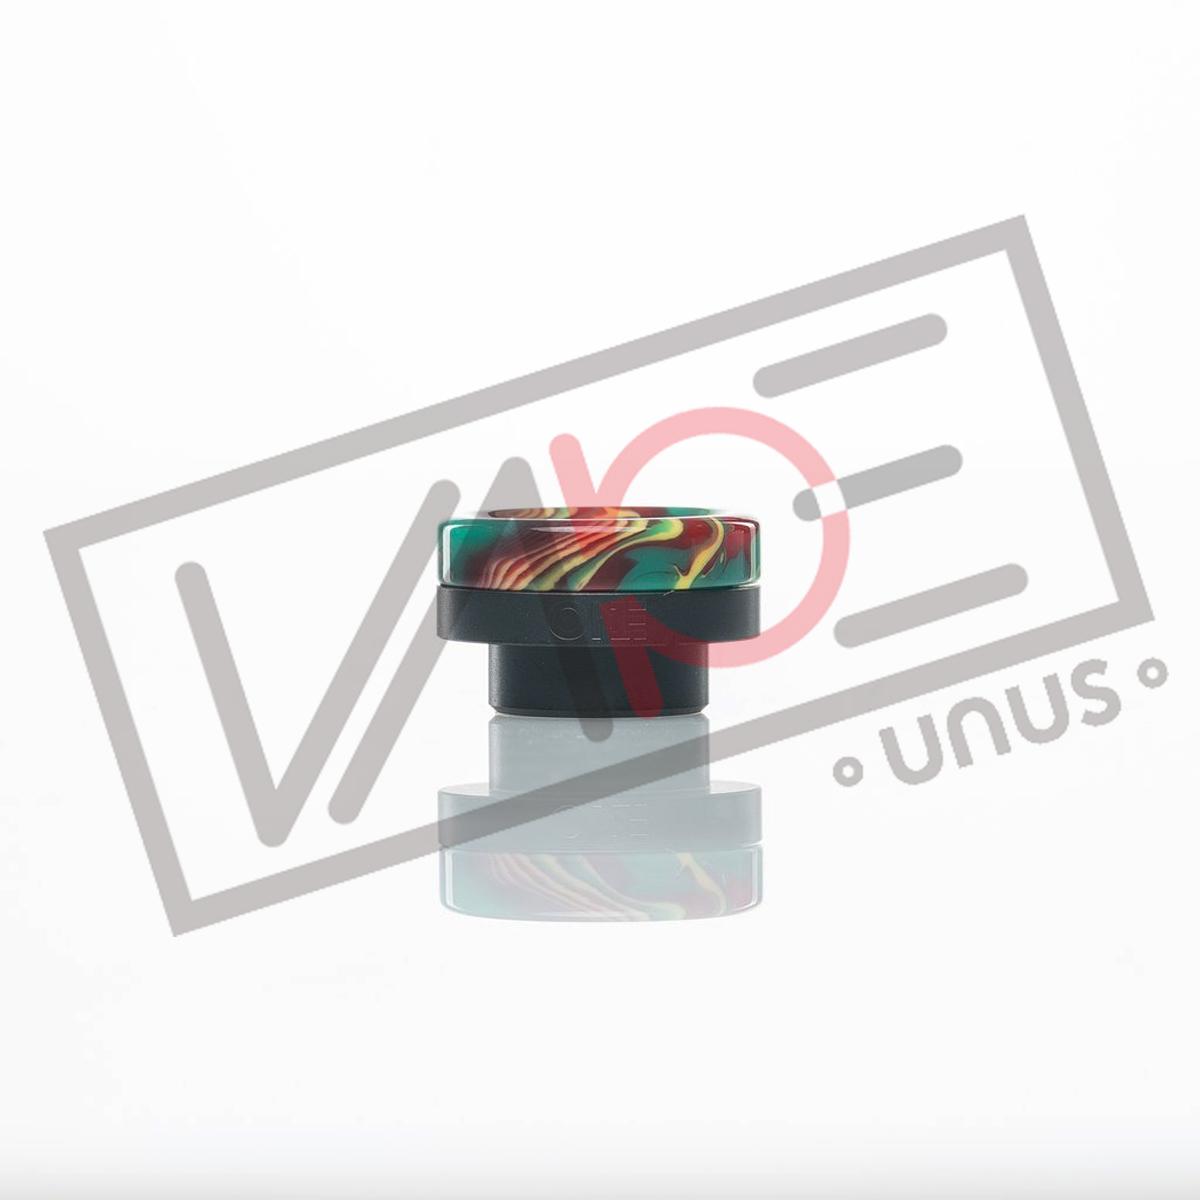 画像1: 《ドリップチップ》DISTRICT F5VE - ONE TIP (BLACK BASE) RAINBOW 810 ドリップチップ (1)